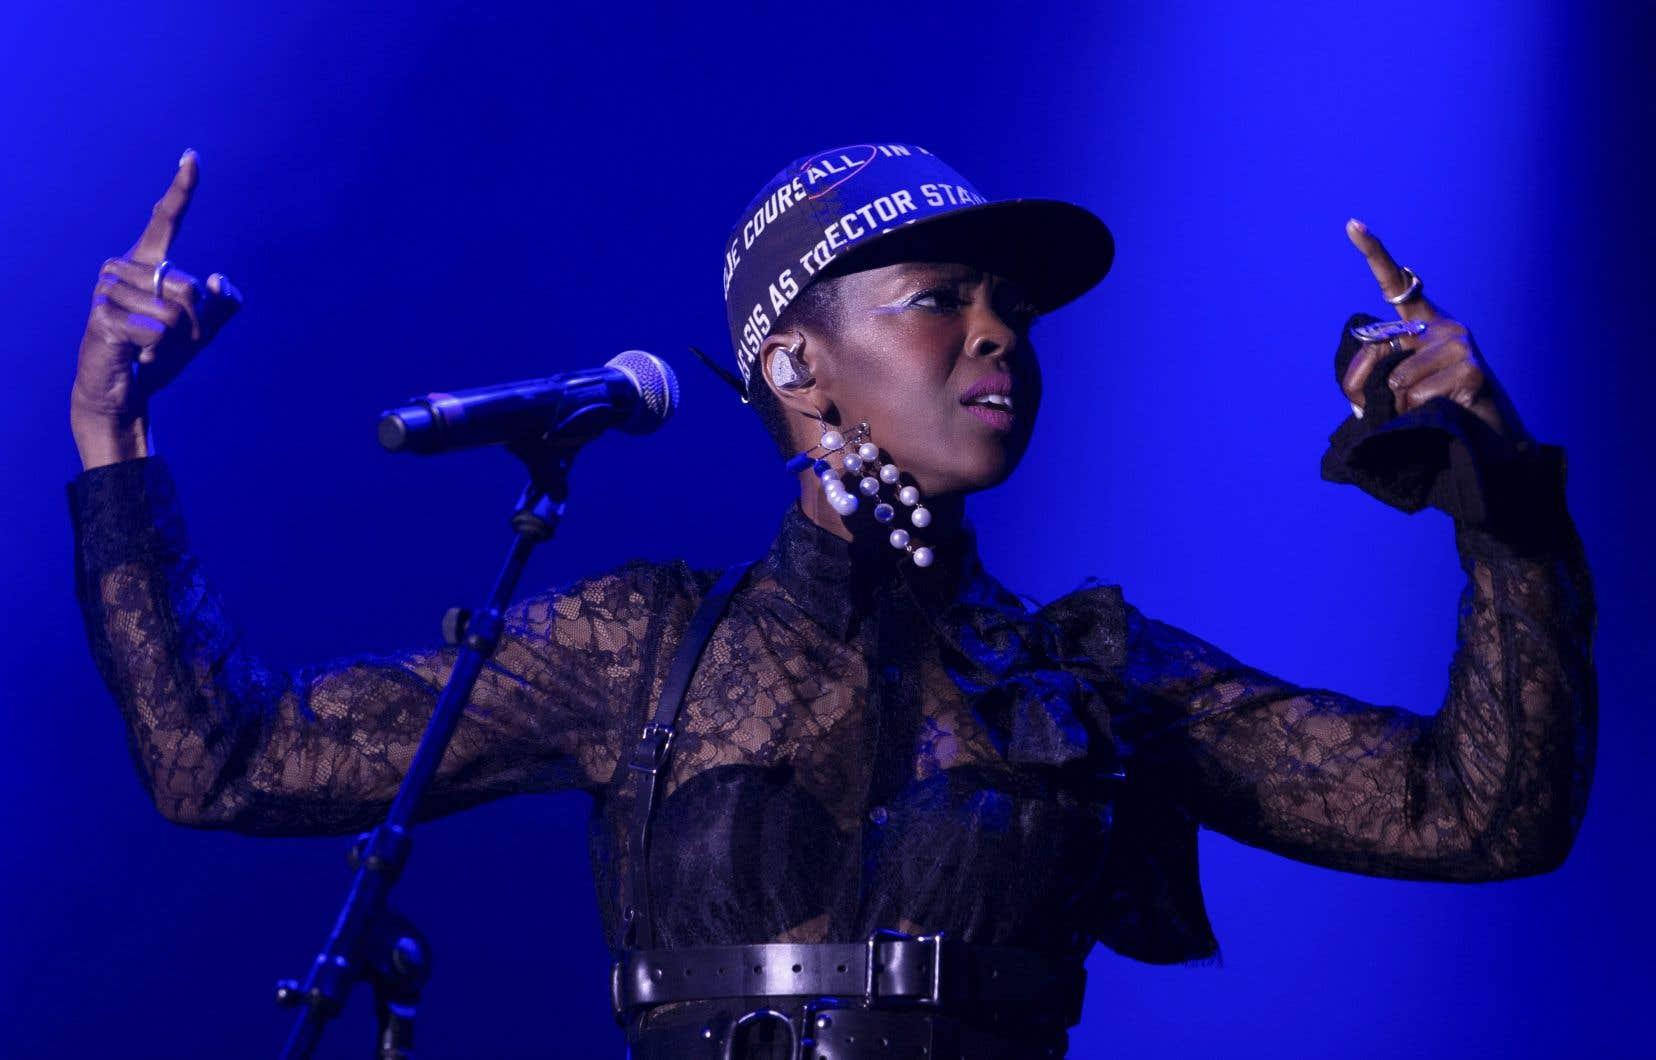 Lauryn Hill gesticulait comme toujours, commandant son orchestre à la manière de James Brown, mais avec l'air agacée.